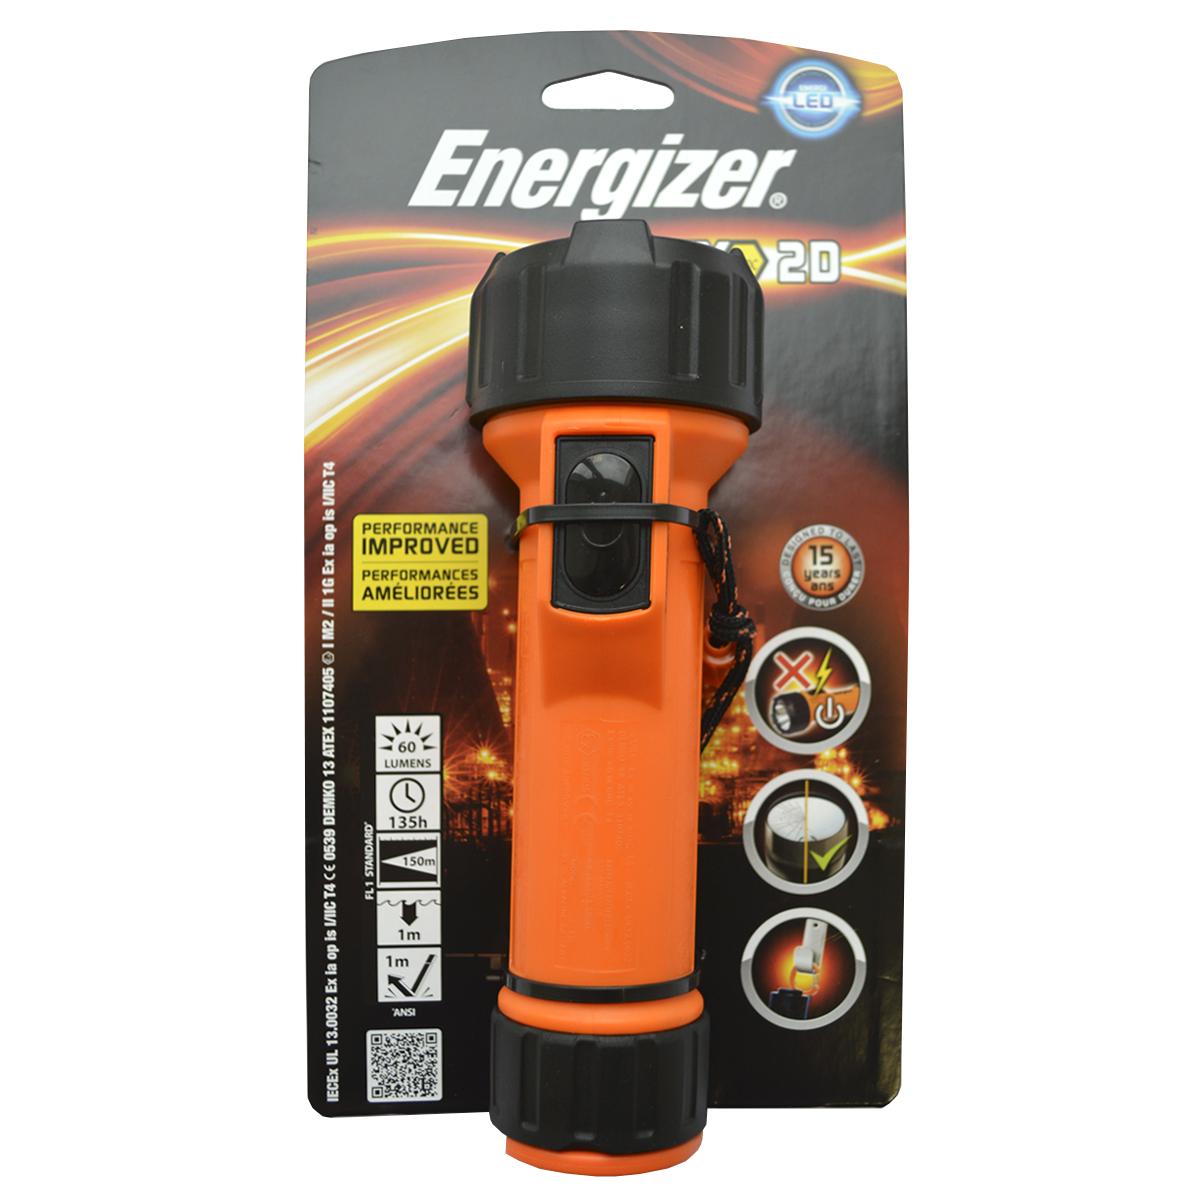 Ручной фонарь Energizer ATEX 2xD excl (MS2DLED1)KOCAc6009LED1-й класс, 1-й разрядВысокая ударопрочностьВстроенный зажим-карабин для крепления на ременьПростой в использовании кнопочный выключательУстойчивый к воздействию масел и смазки водонепроницаемый корпусЧрезвычайно длительный срок службы – рассчитан на 15 лет2 модели: под батарейки типоразмера D (2 шт.) и AA (2 шт.)Работает от 2 батареек типоразмера D